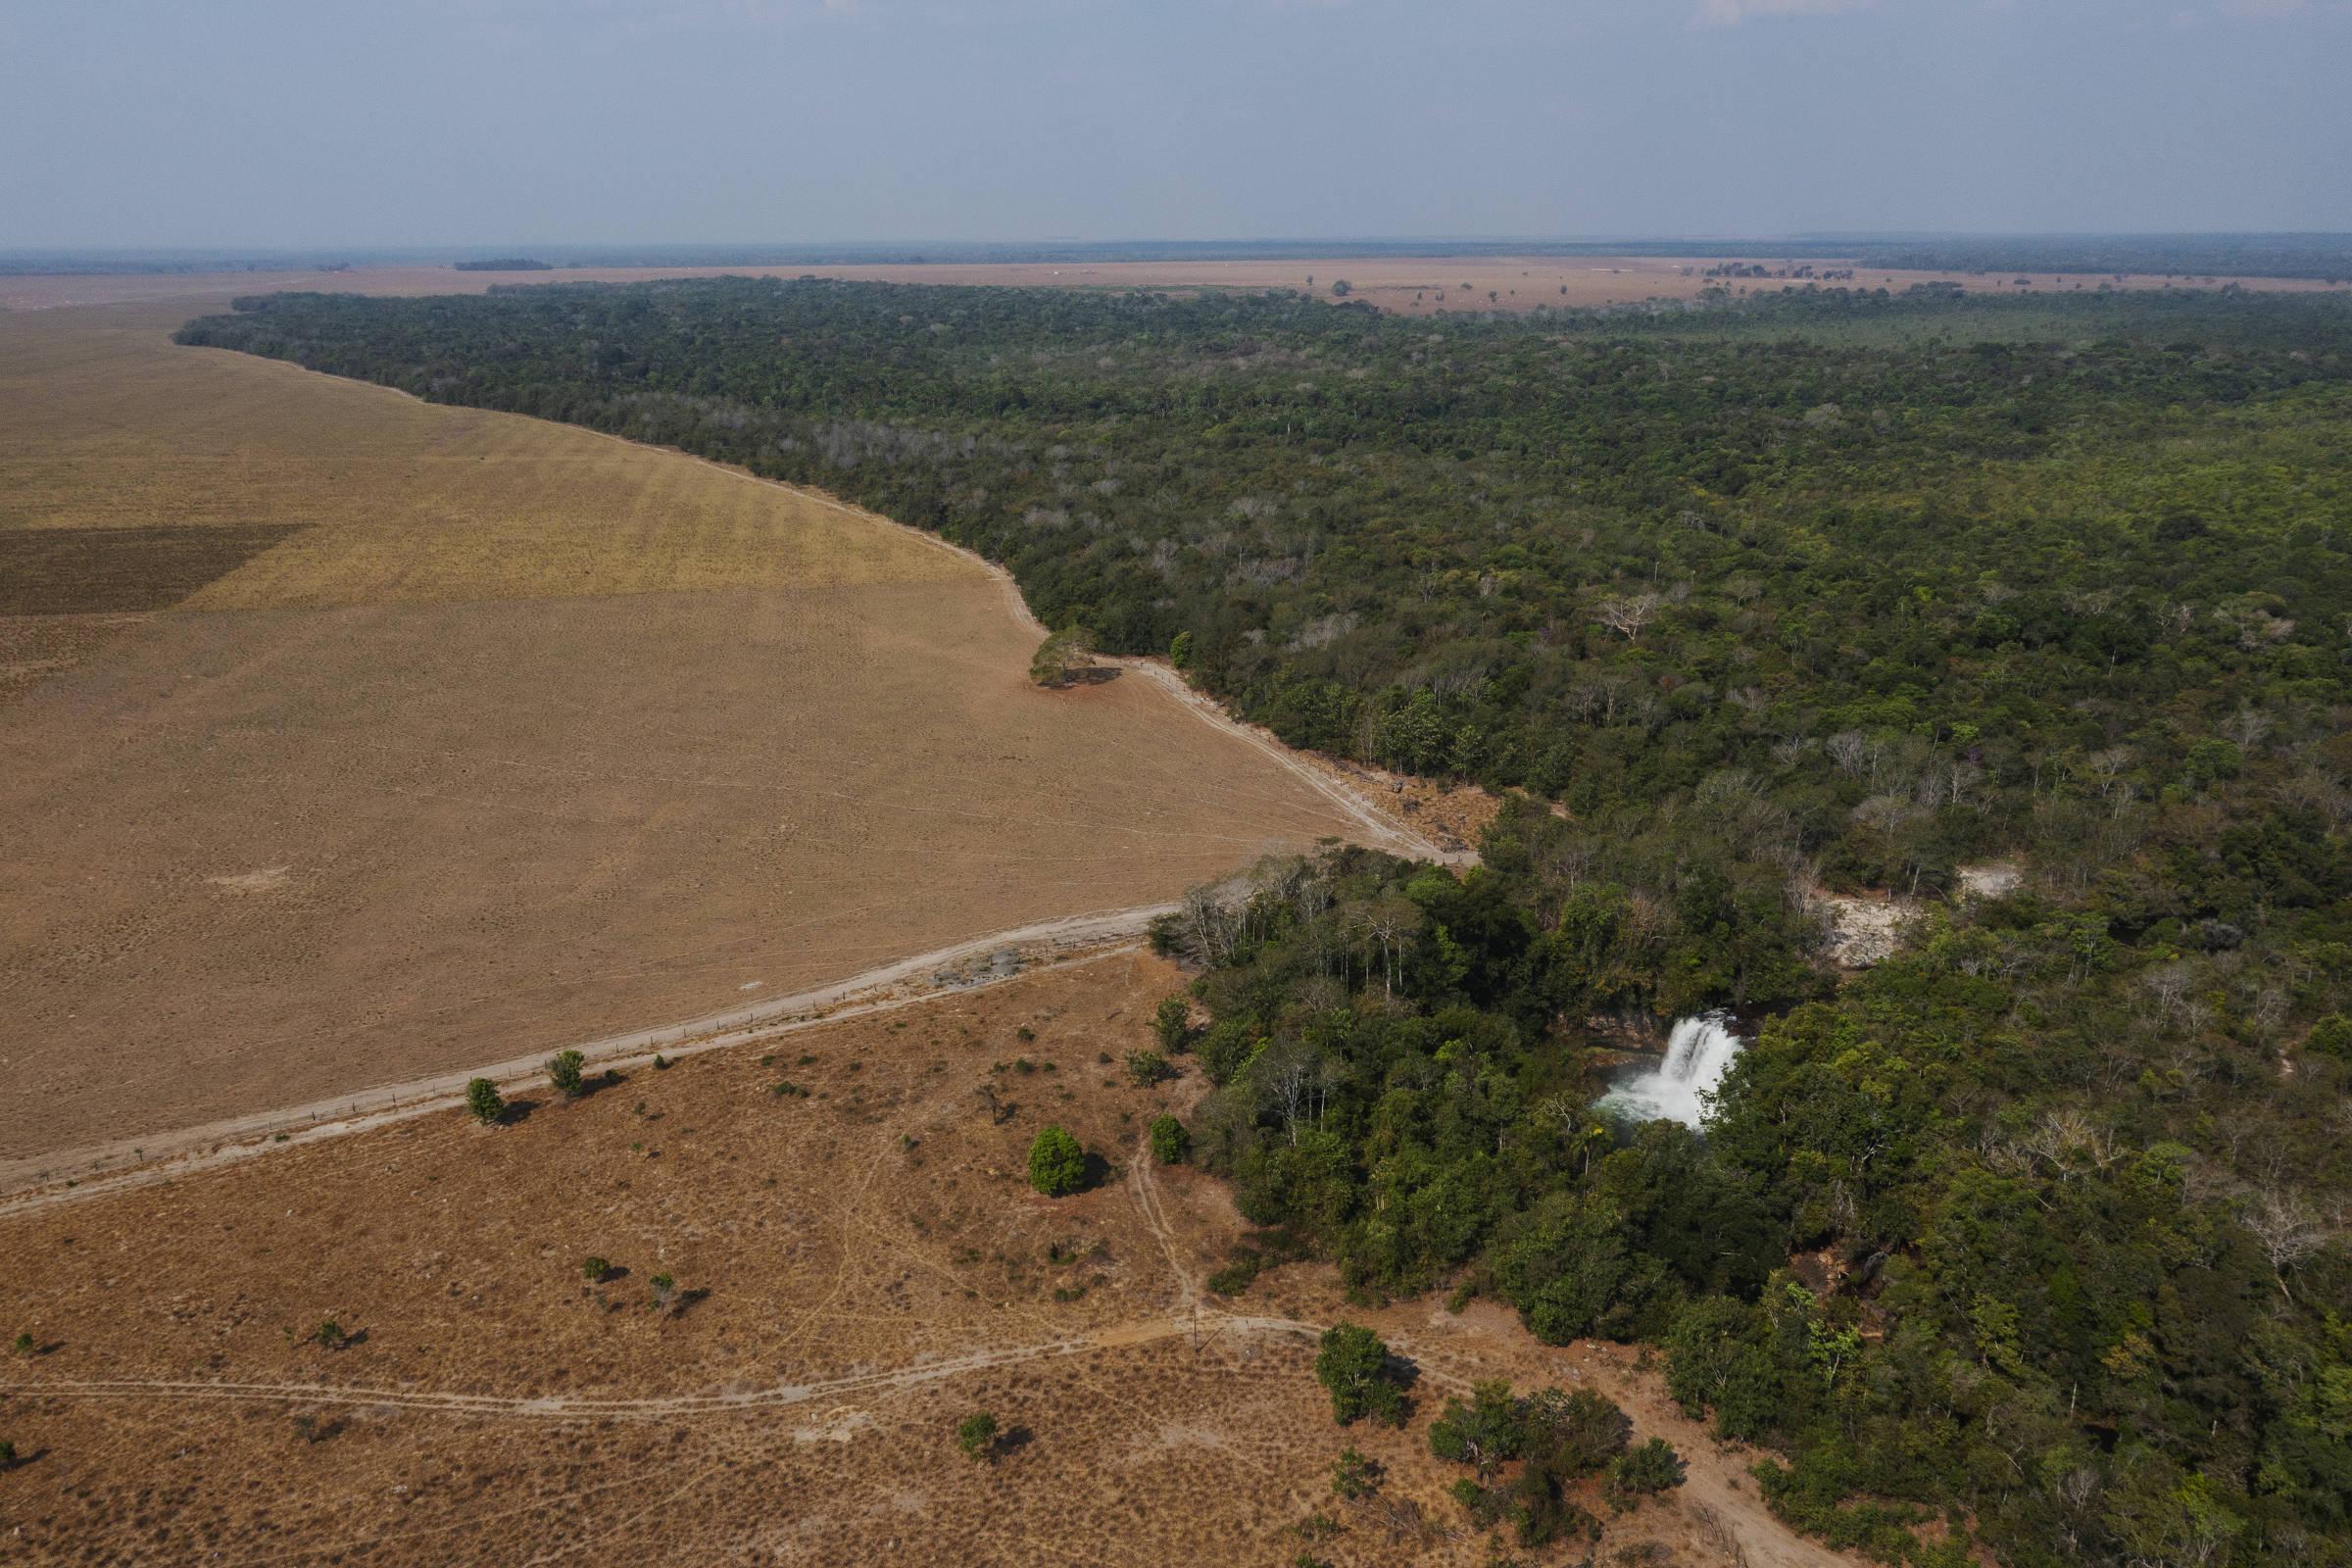 Cachoeiras do rio Cravari na Terra Indígena Irantxe, proximas ao limite com uma fazenda